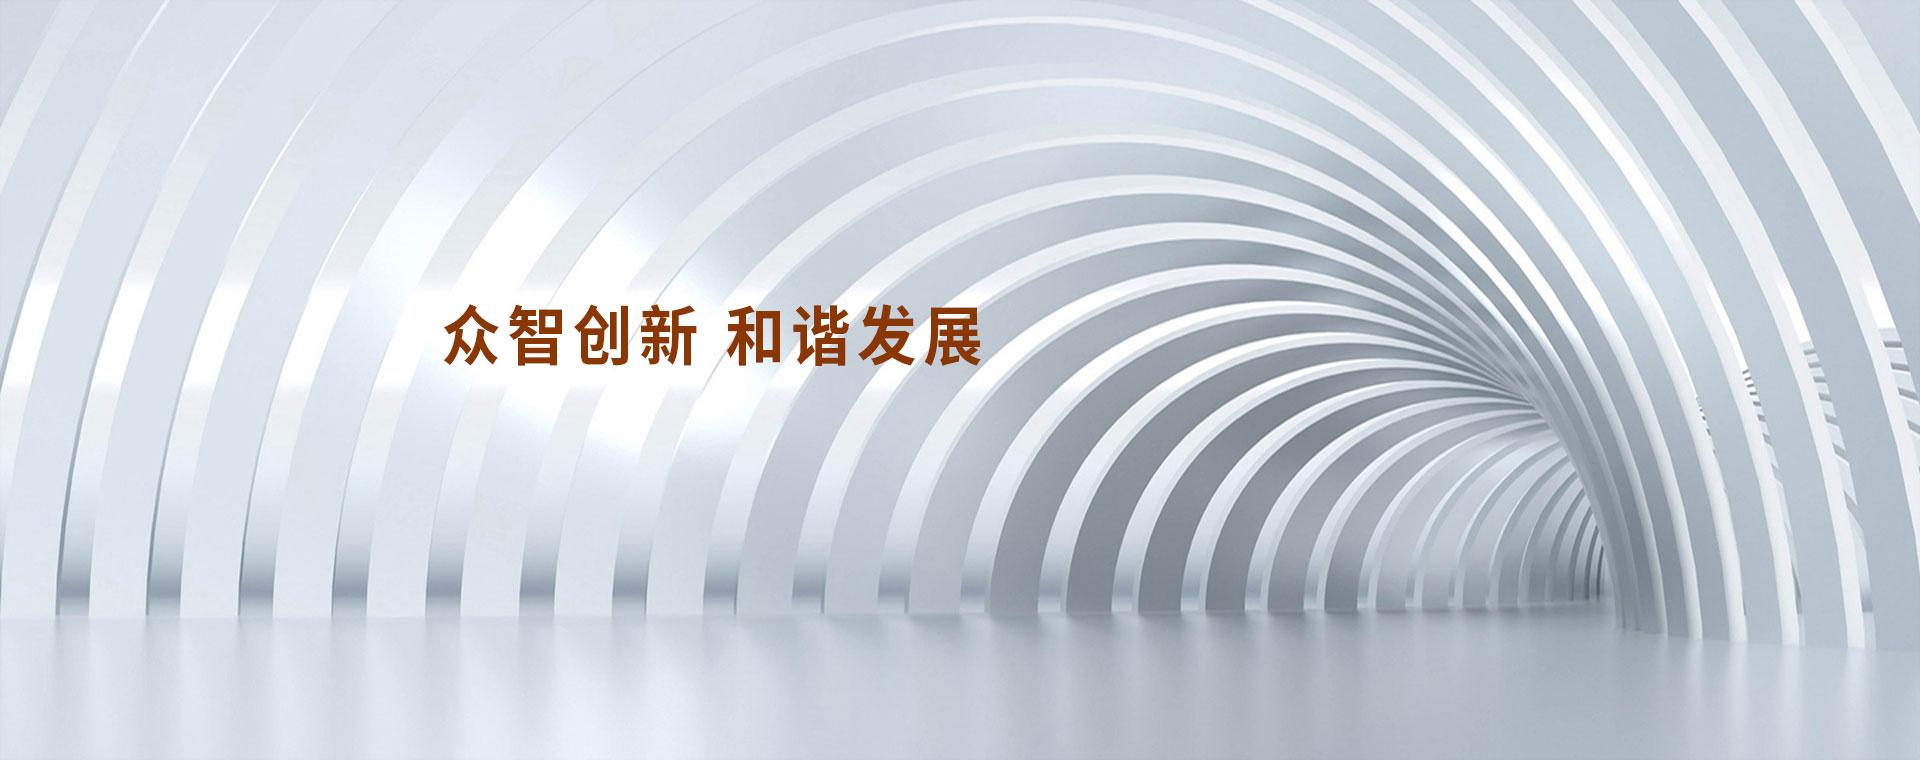 云南城投众和建设